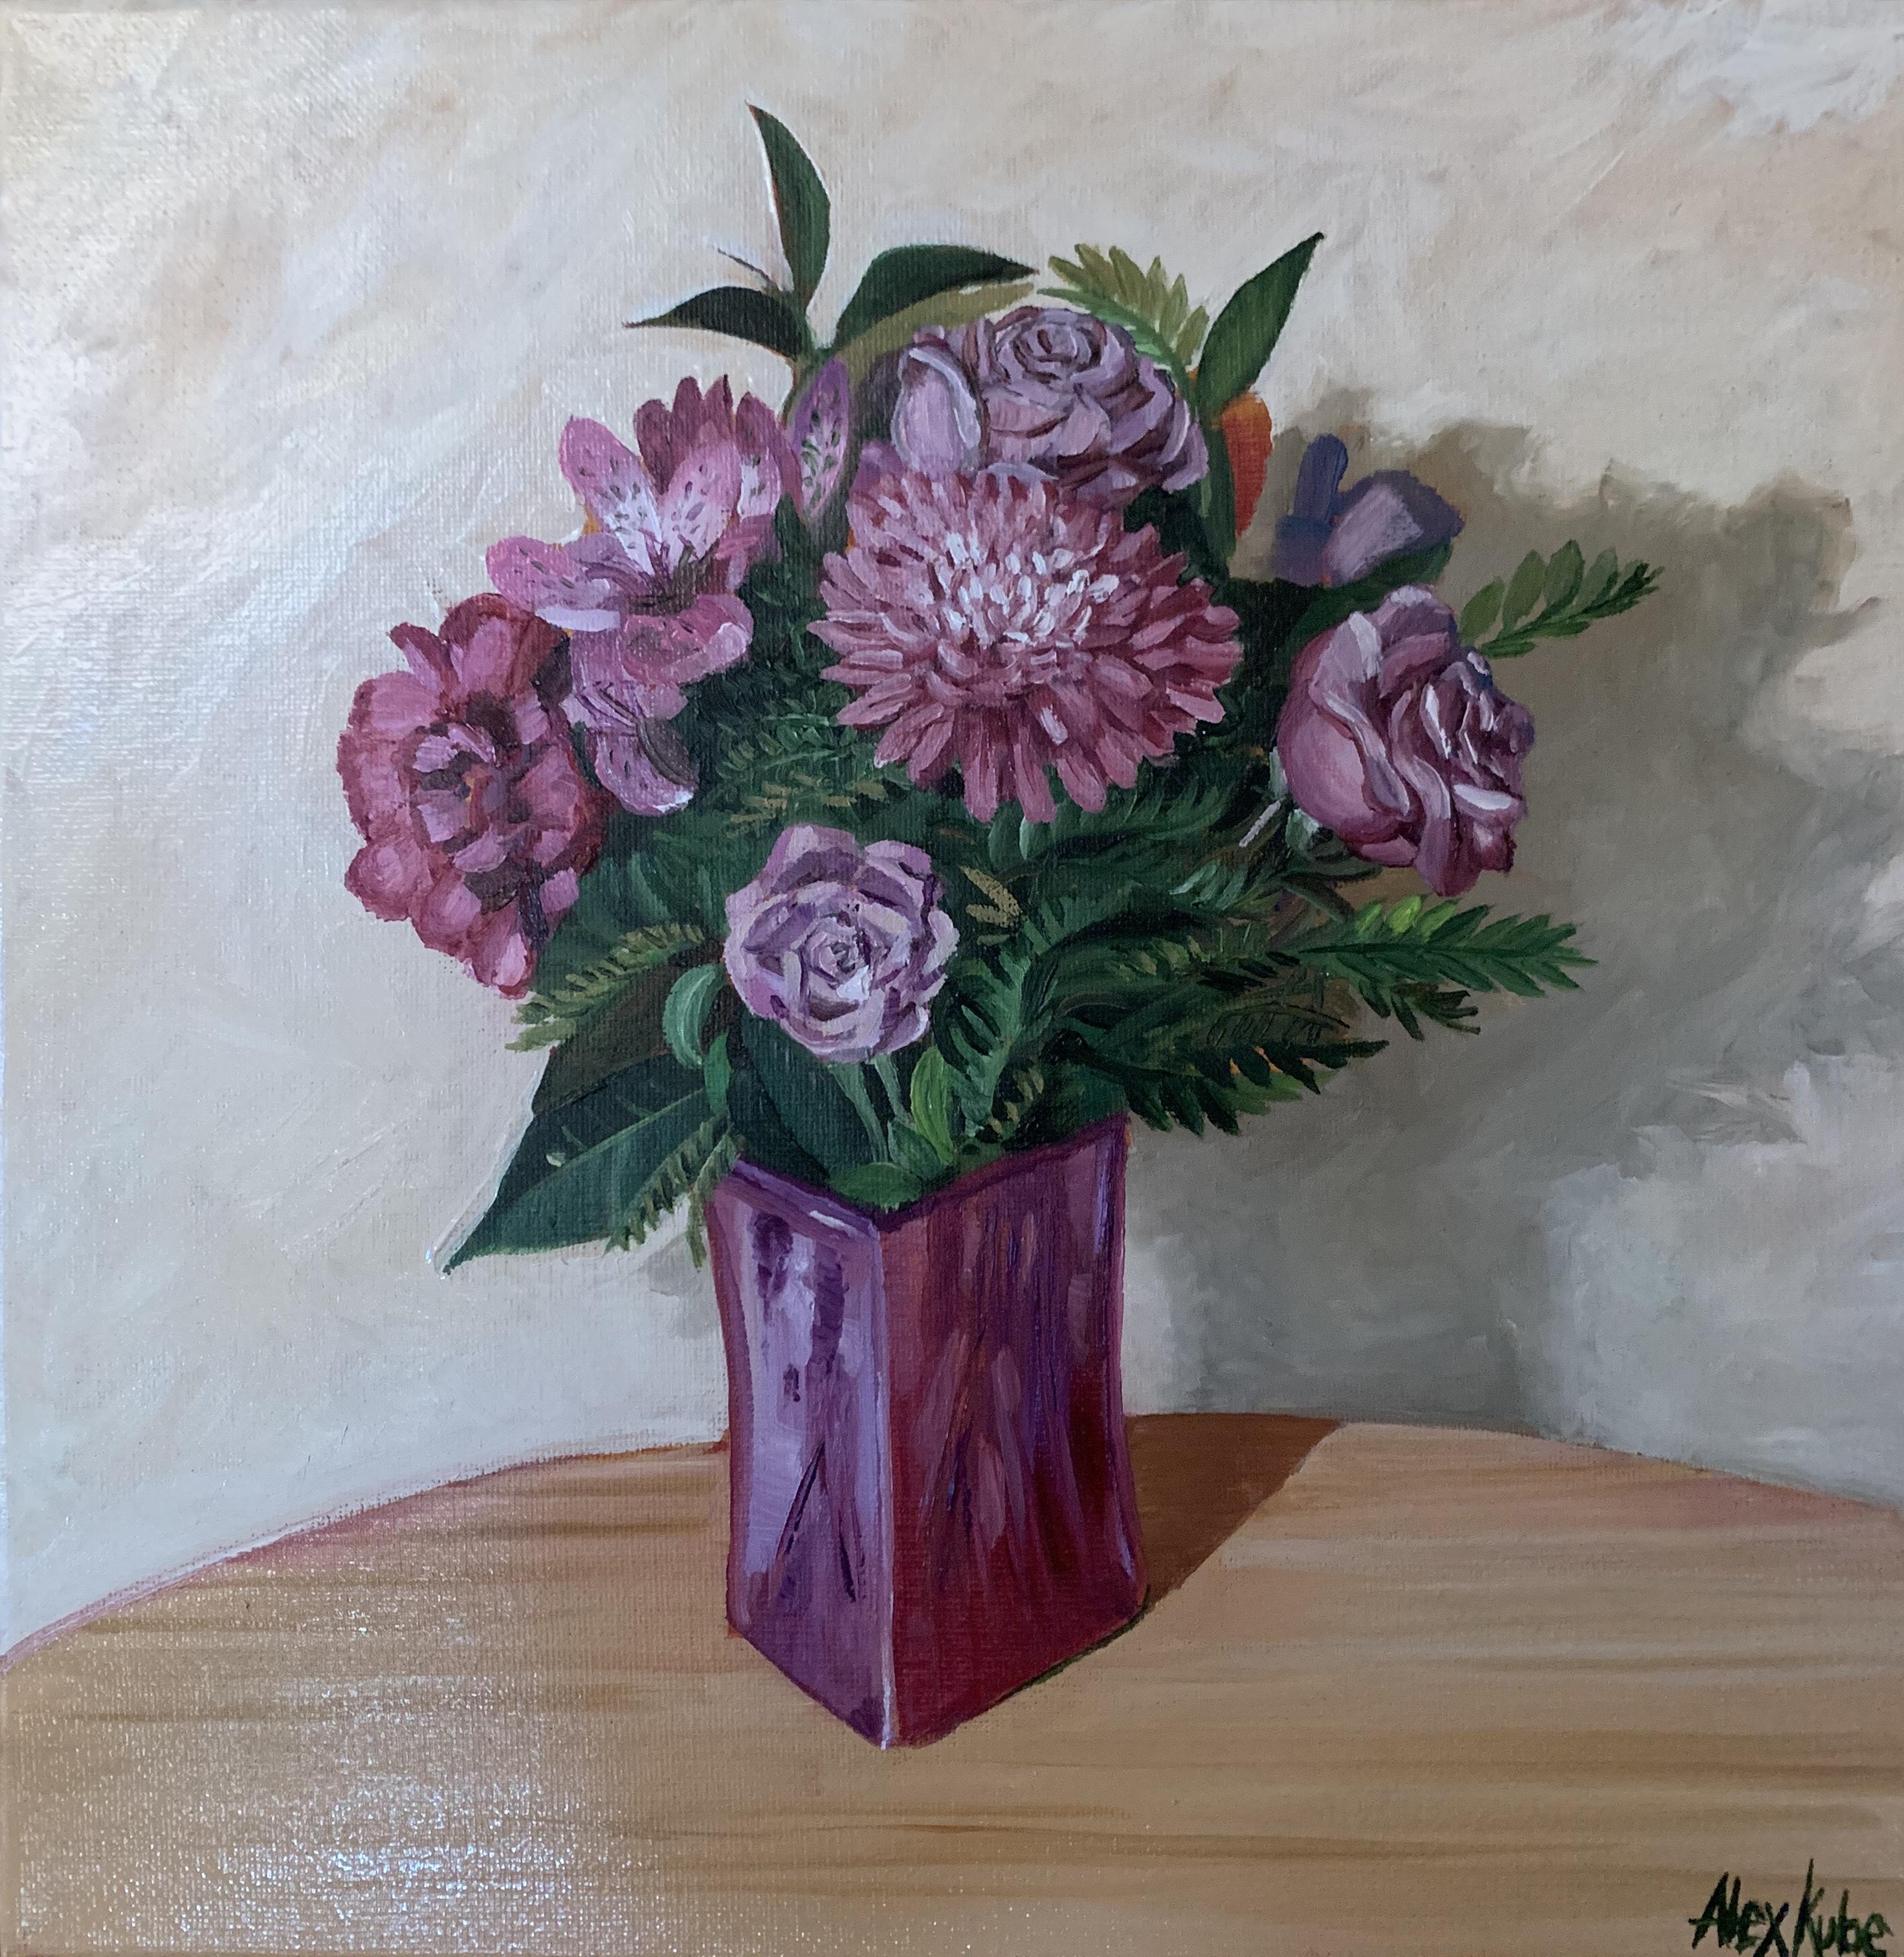 Lisas Flowers